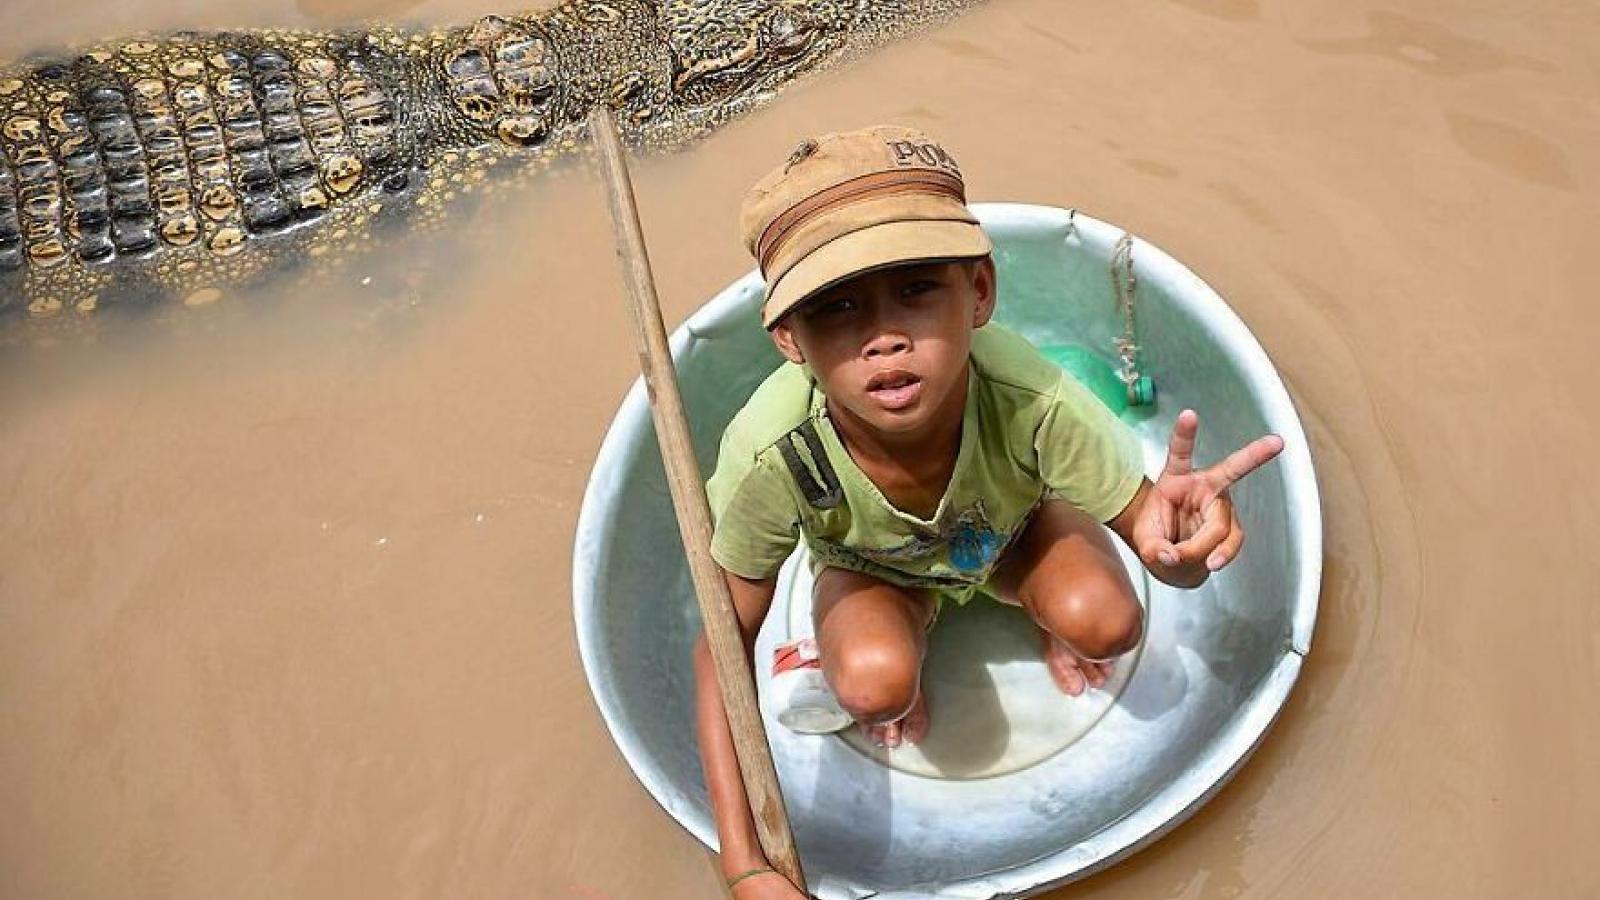 Những hình ảnh thú vị về cuộc sống của trẻ em trên khắp thế giới